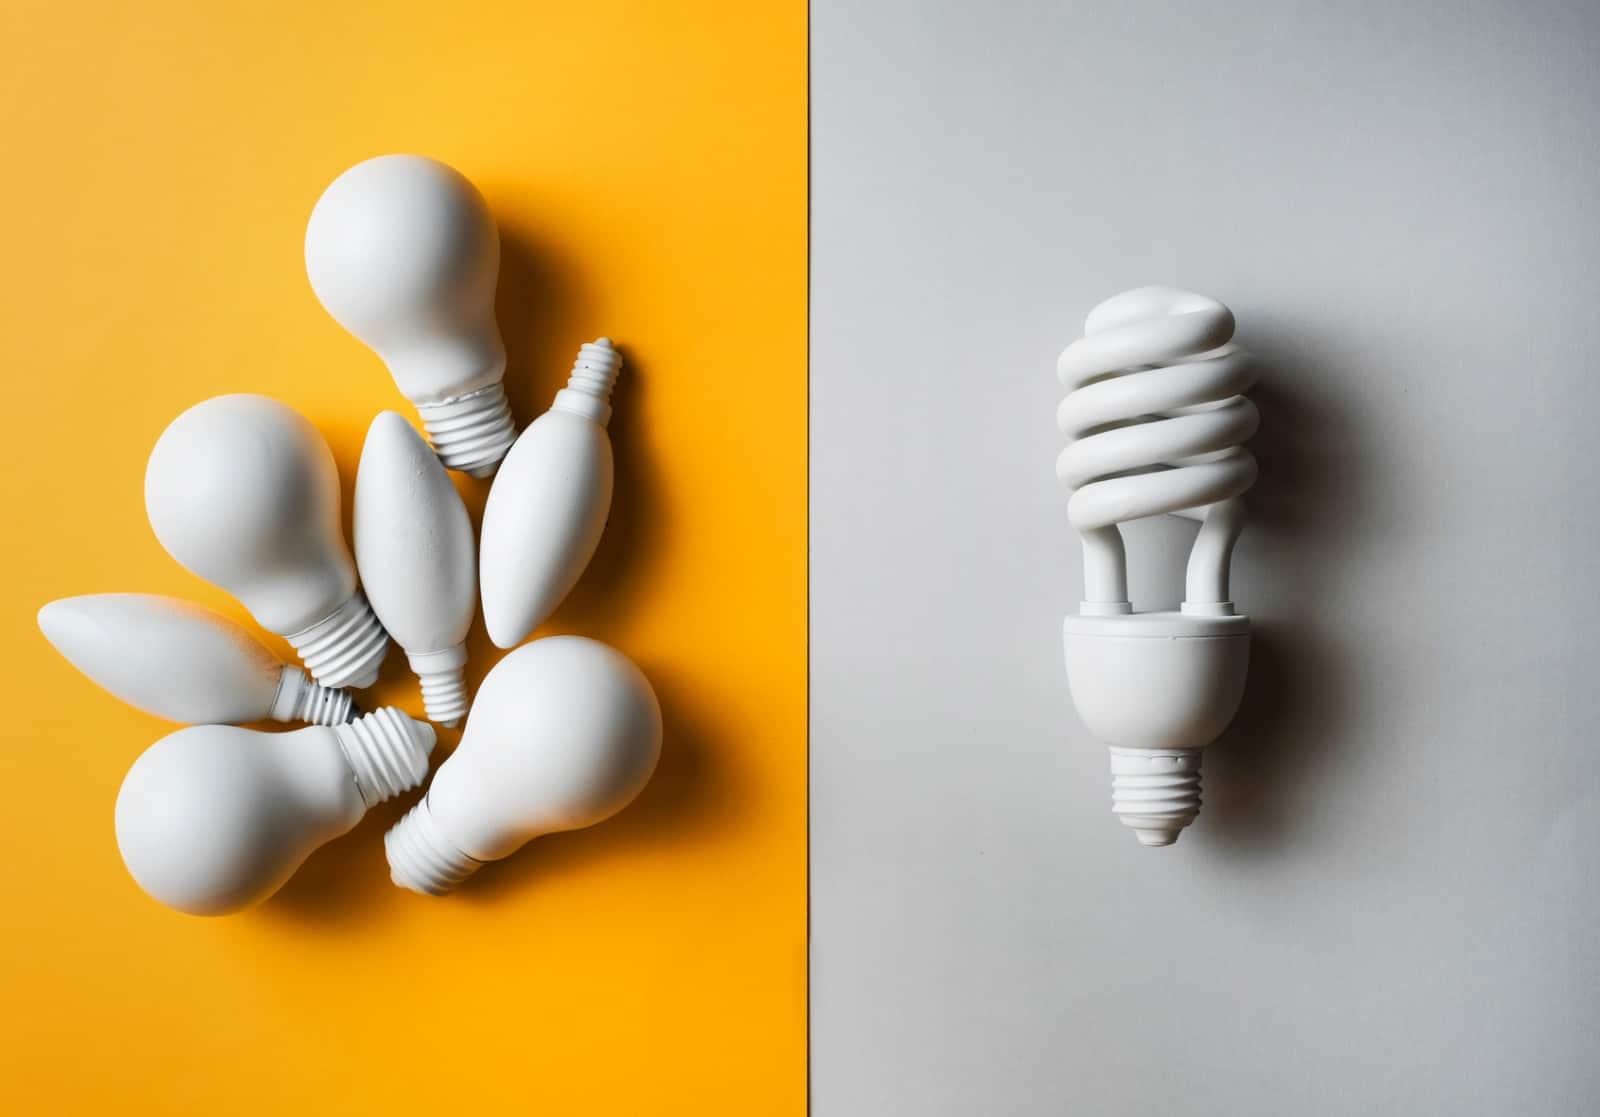 LED lights alongside regular light bulbs